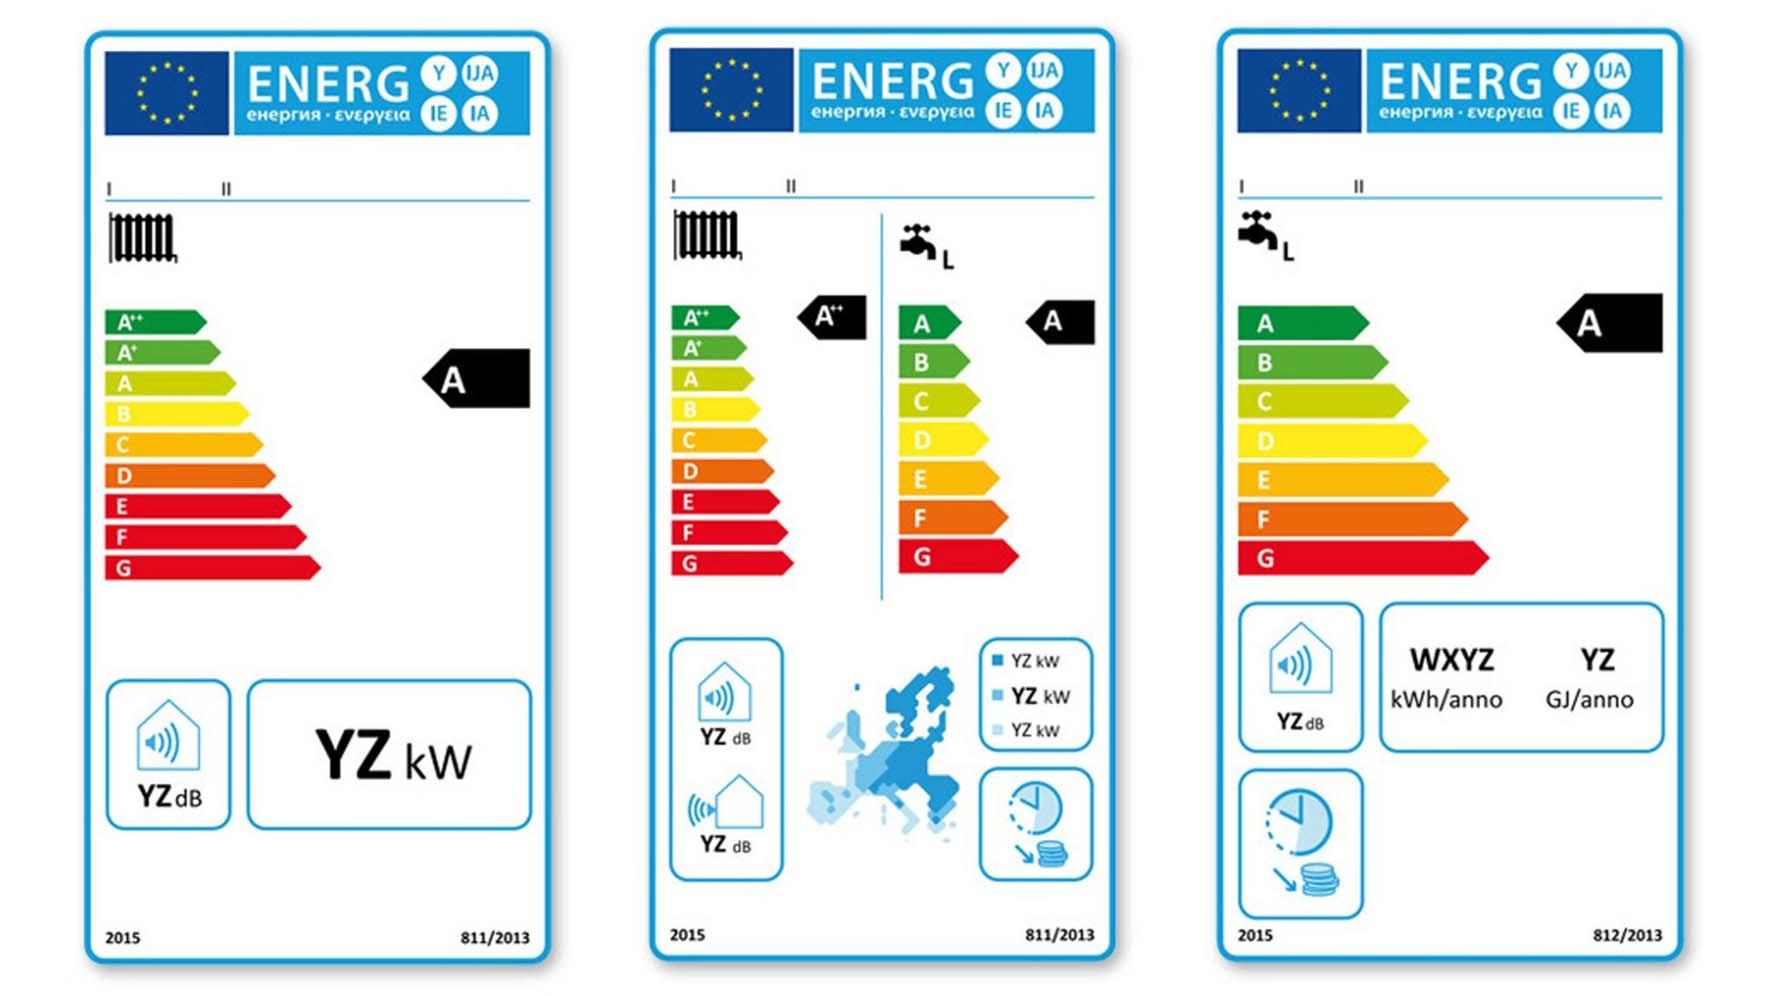 classe energetica etichetta